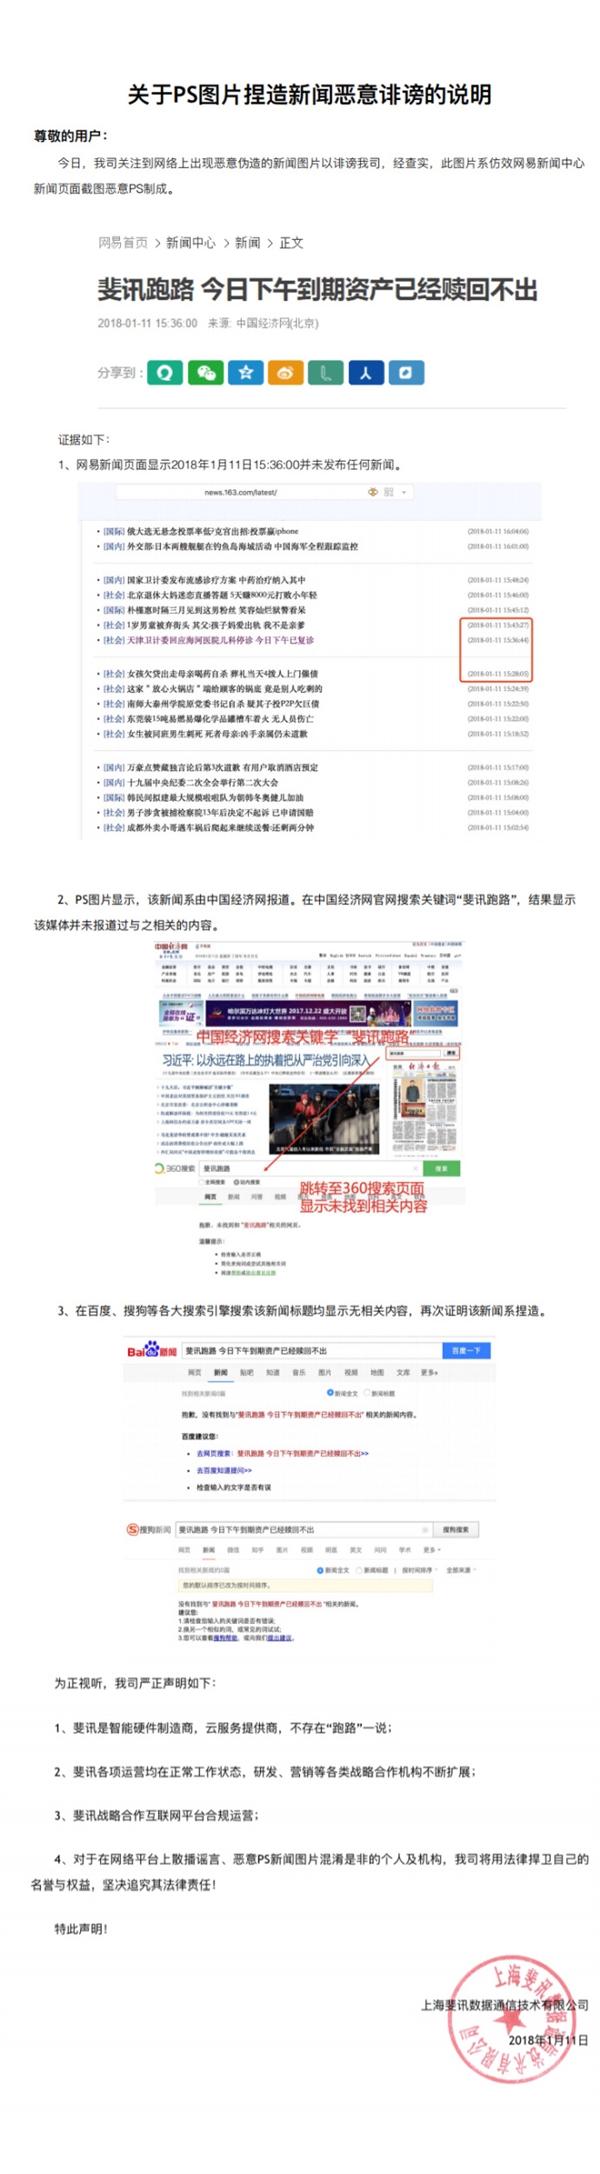 """网传图片显示""""斐讯跑路"""" 官方辟谣:PS捏造"""